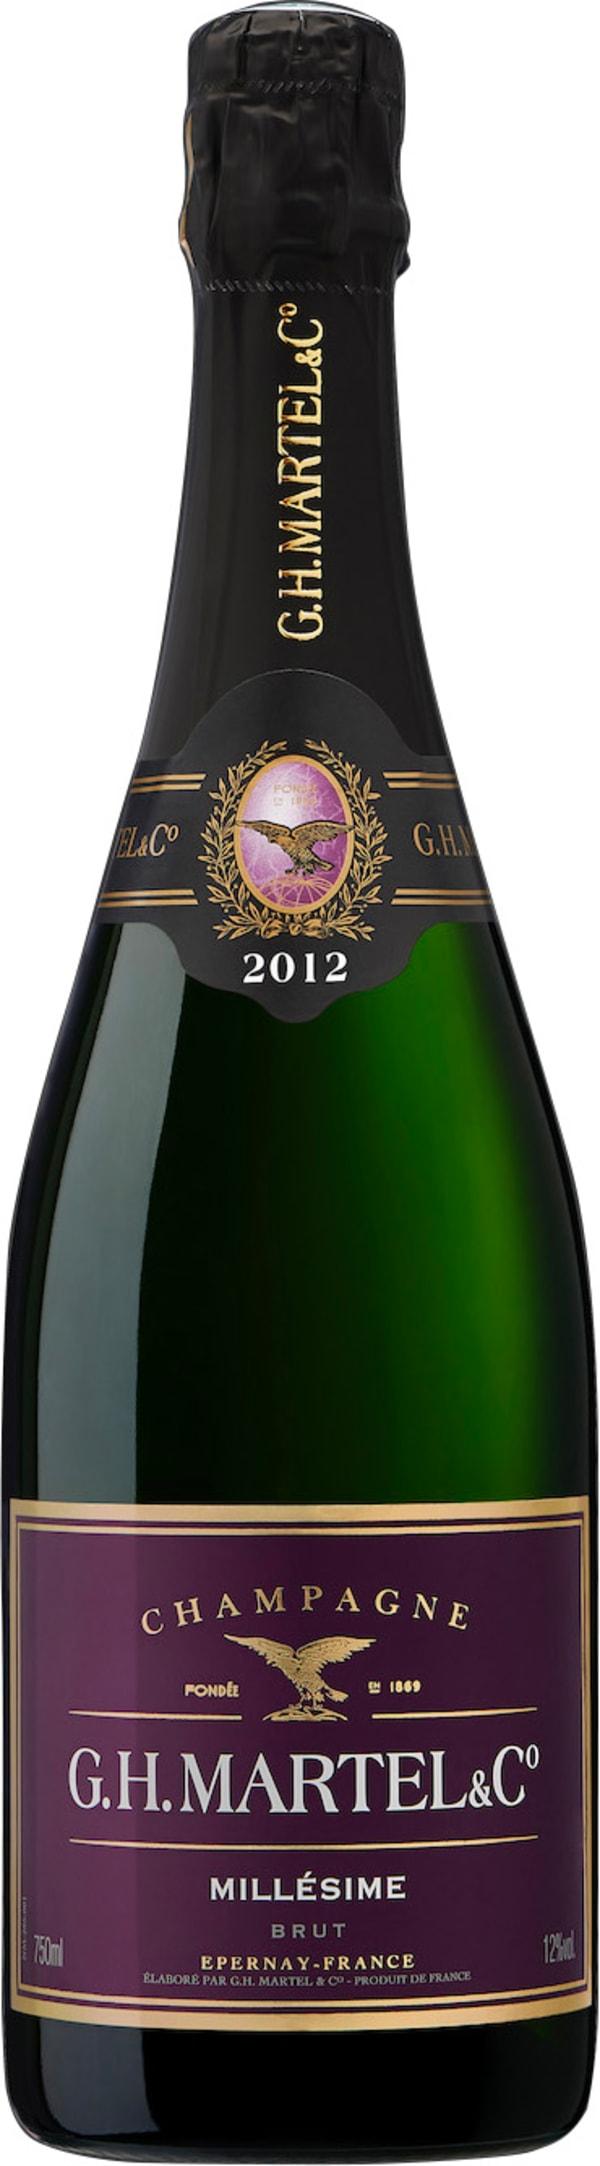 G.H. Martel Collection Familiale Blanc de Blancs Champagne Brut 2002